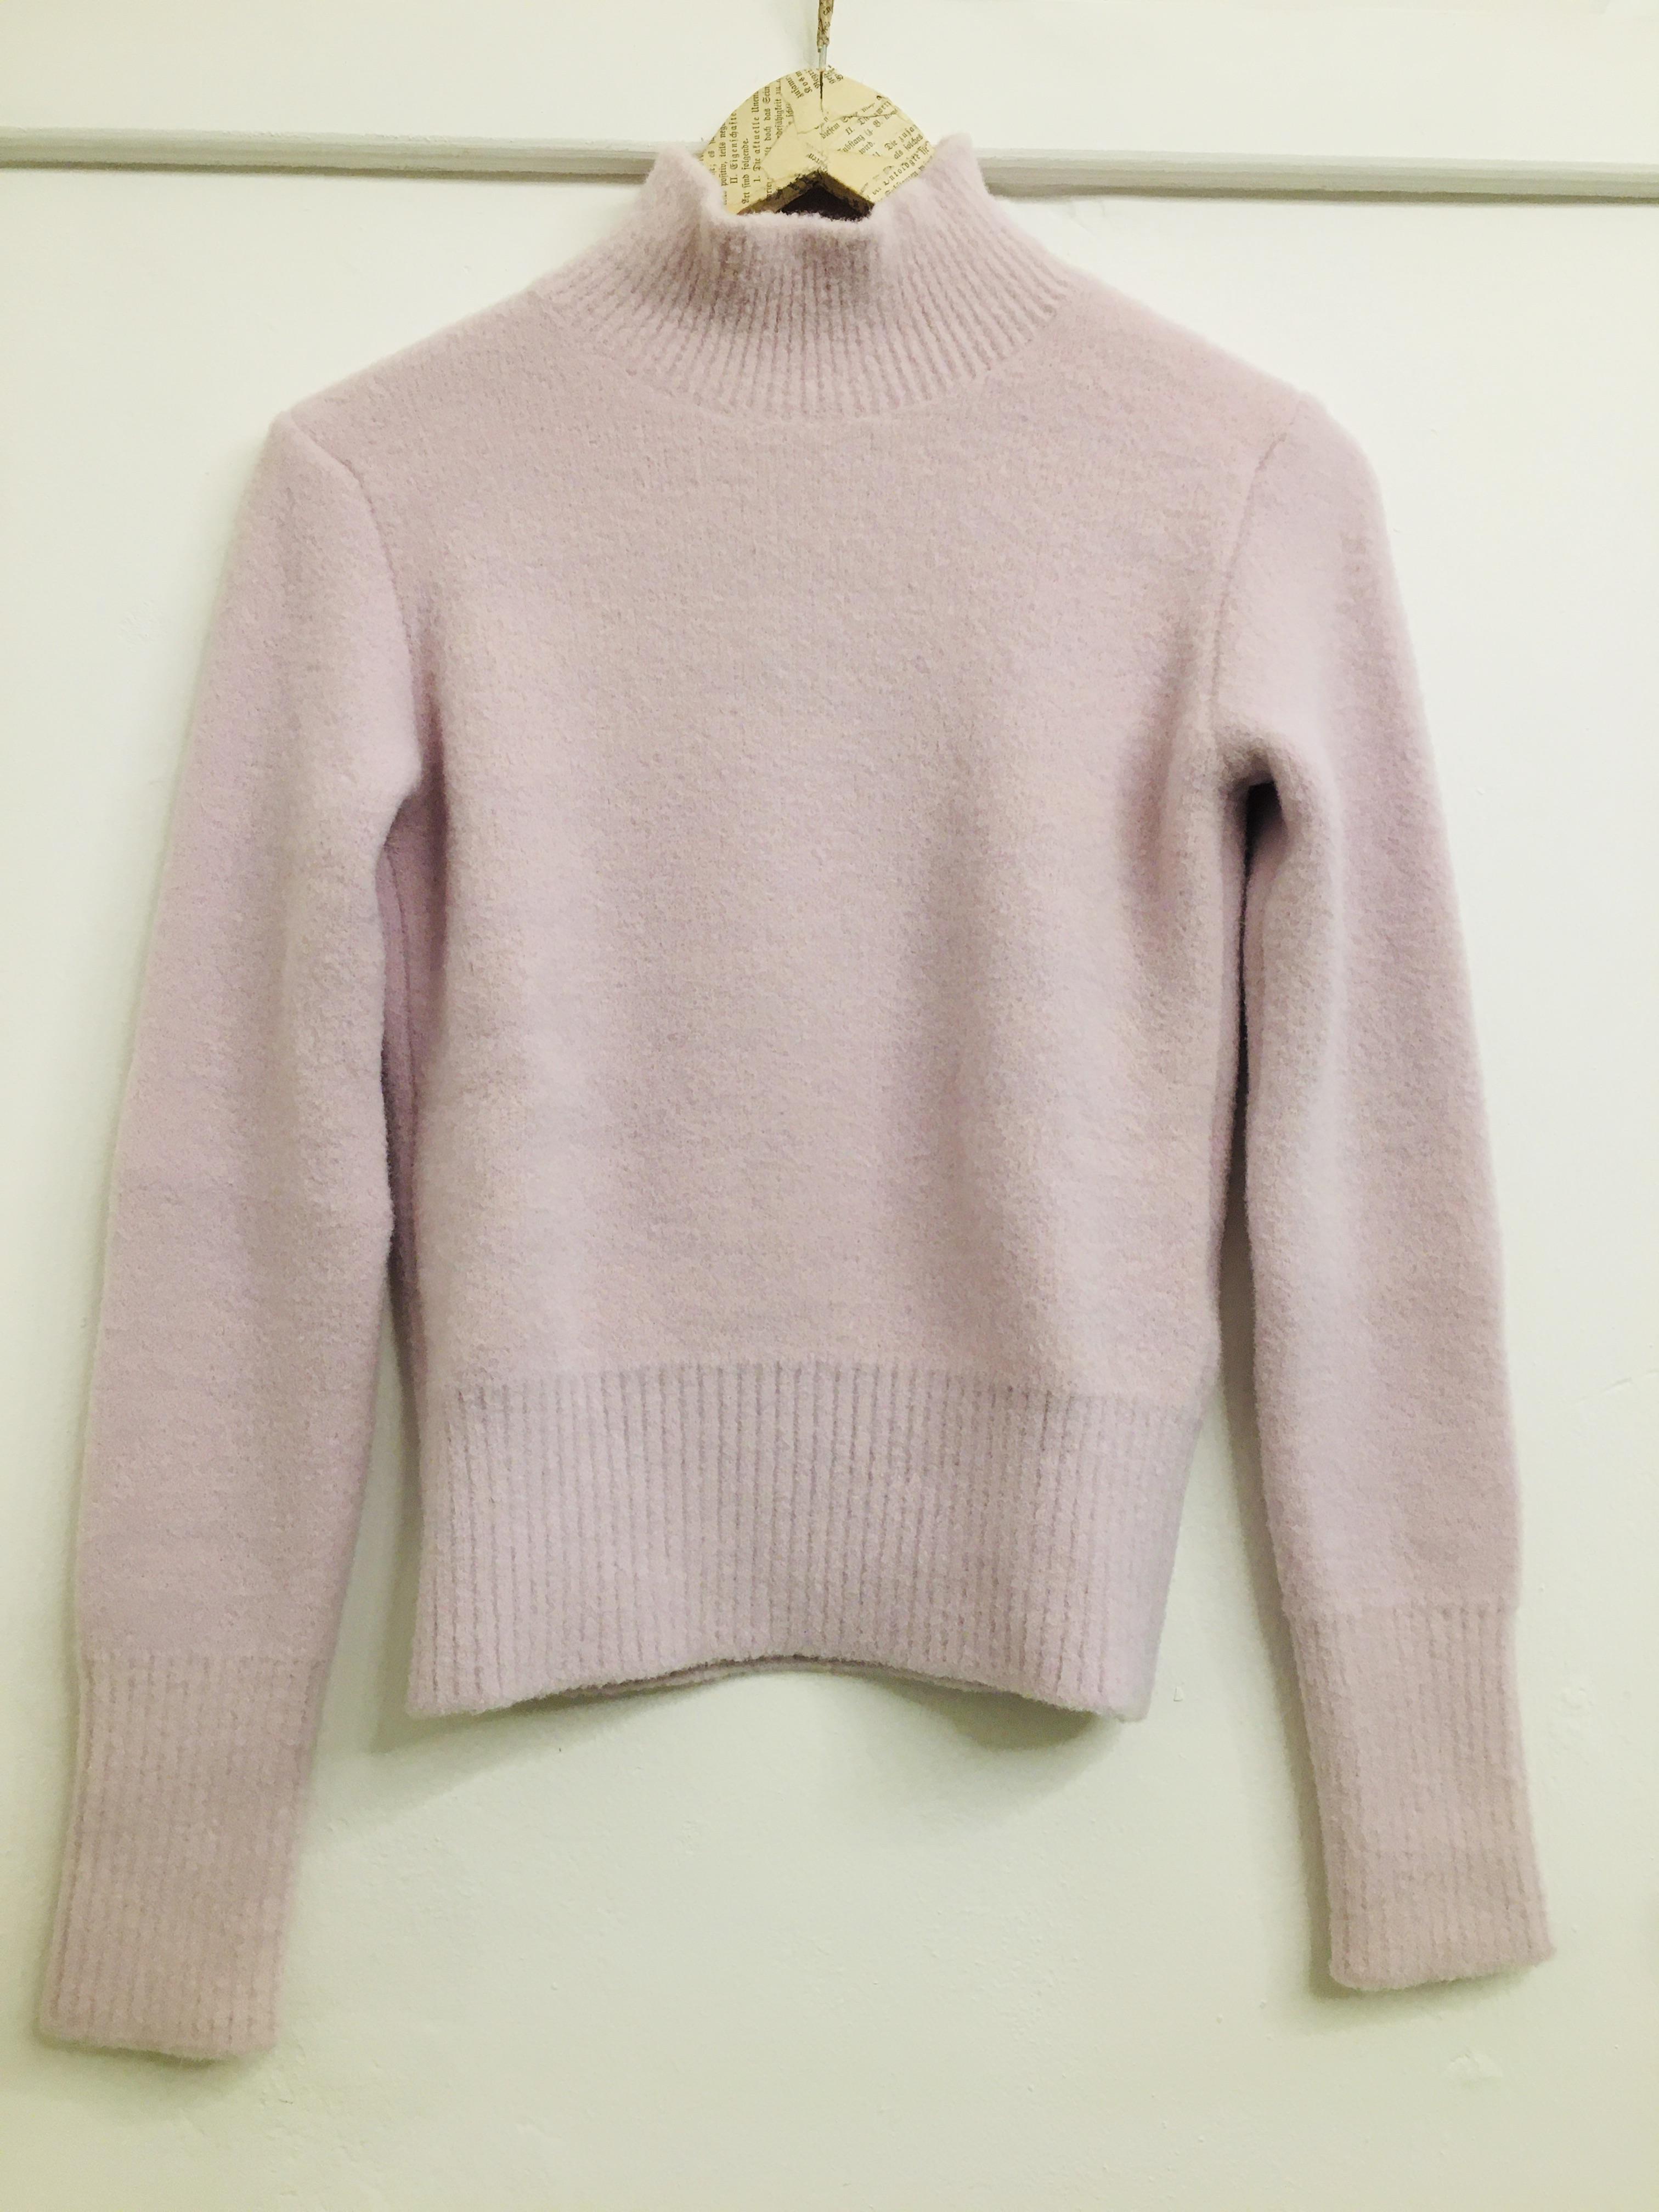 Maglione donna|  collo a dolcevita| rosa pallido| manica lunga| modello